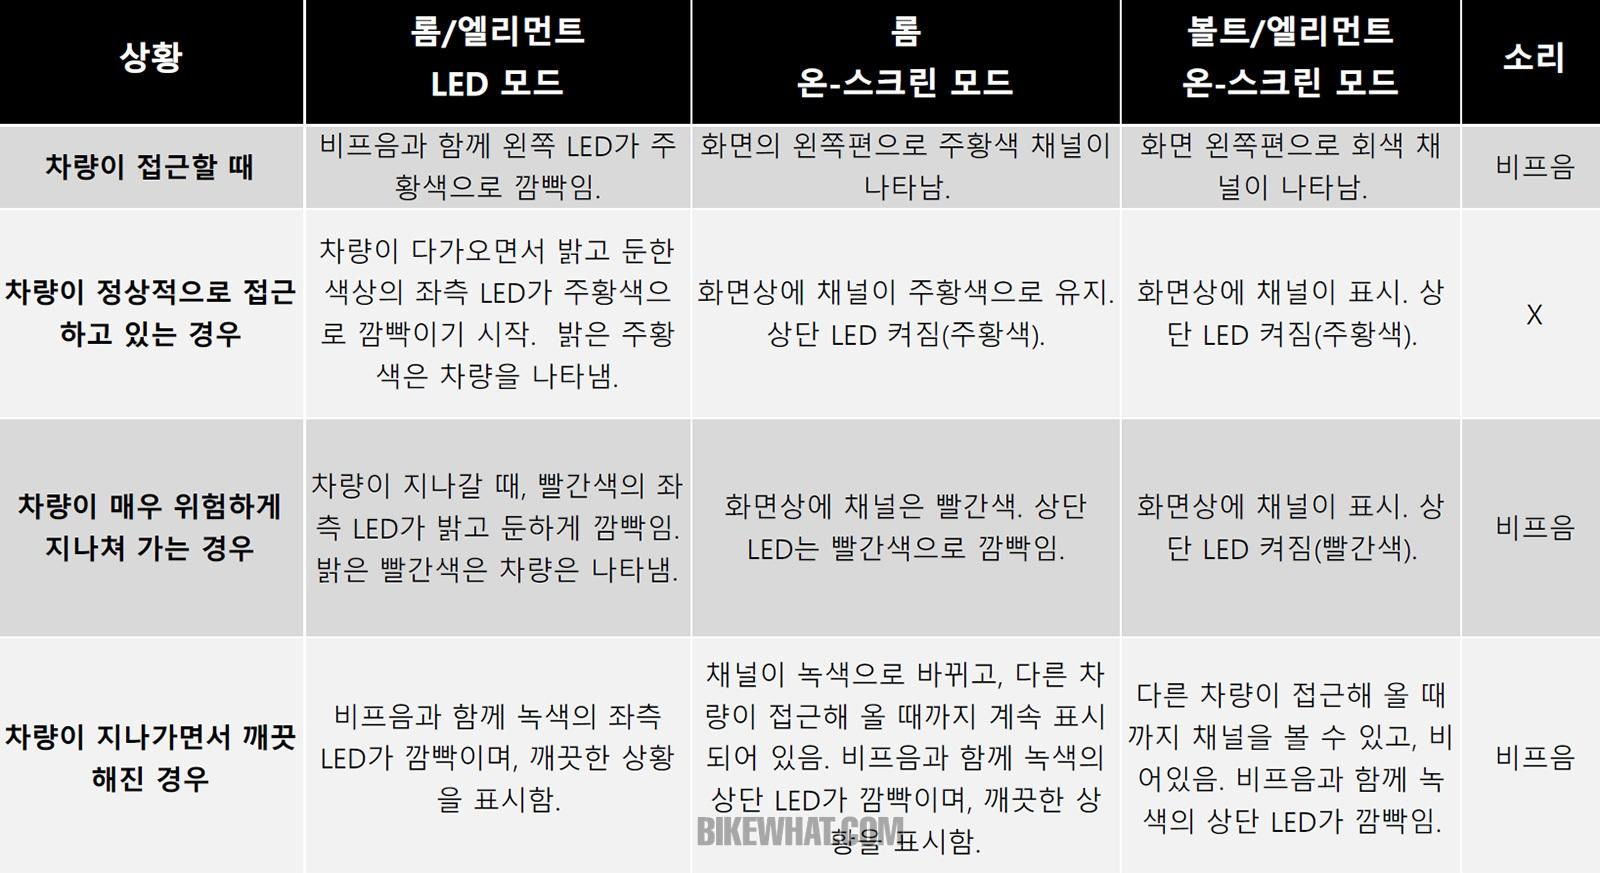 News_wahoo_2.jpg